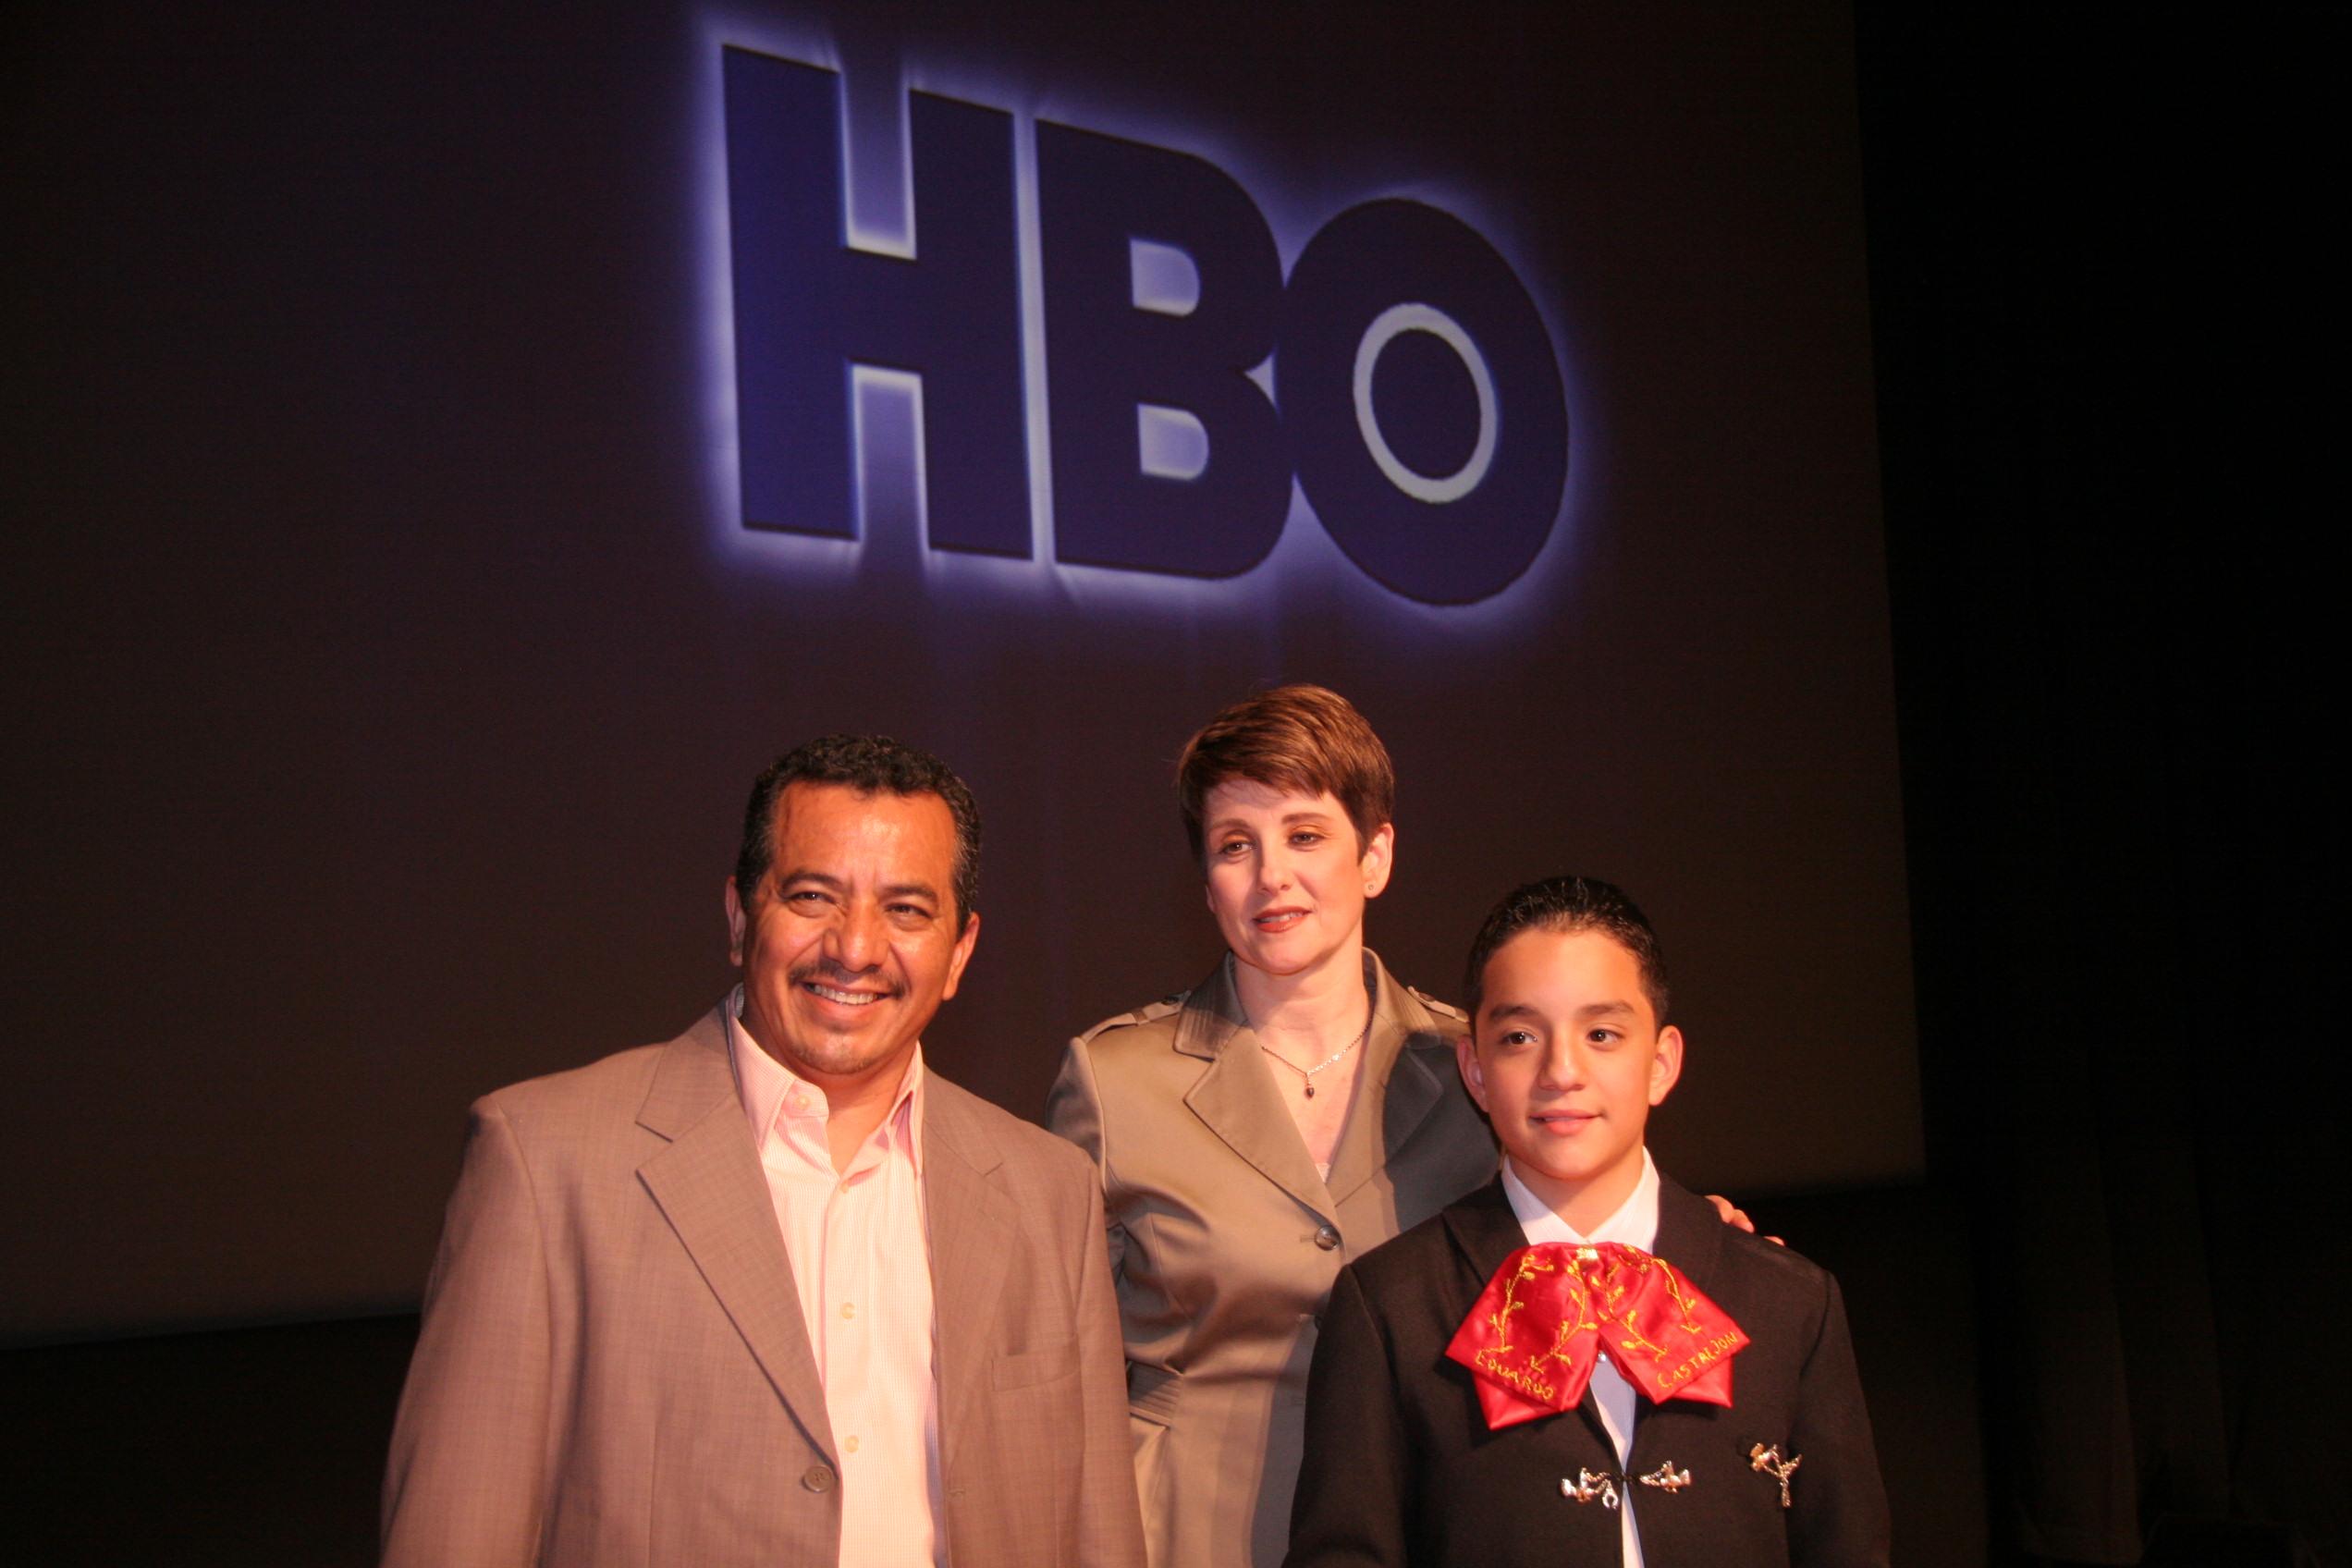 Leslie, Eduardo, & Eduardo's father